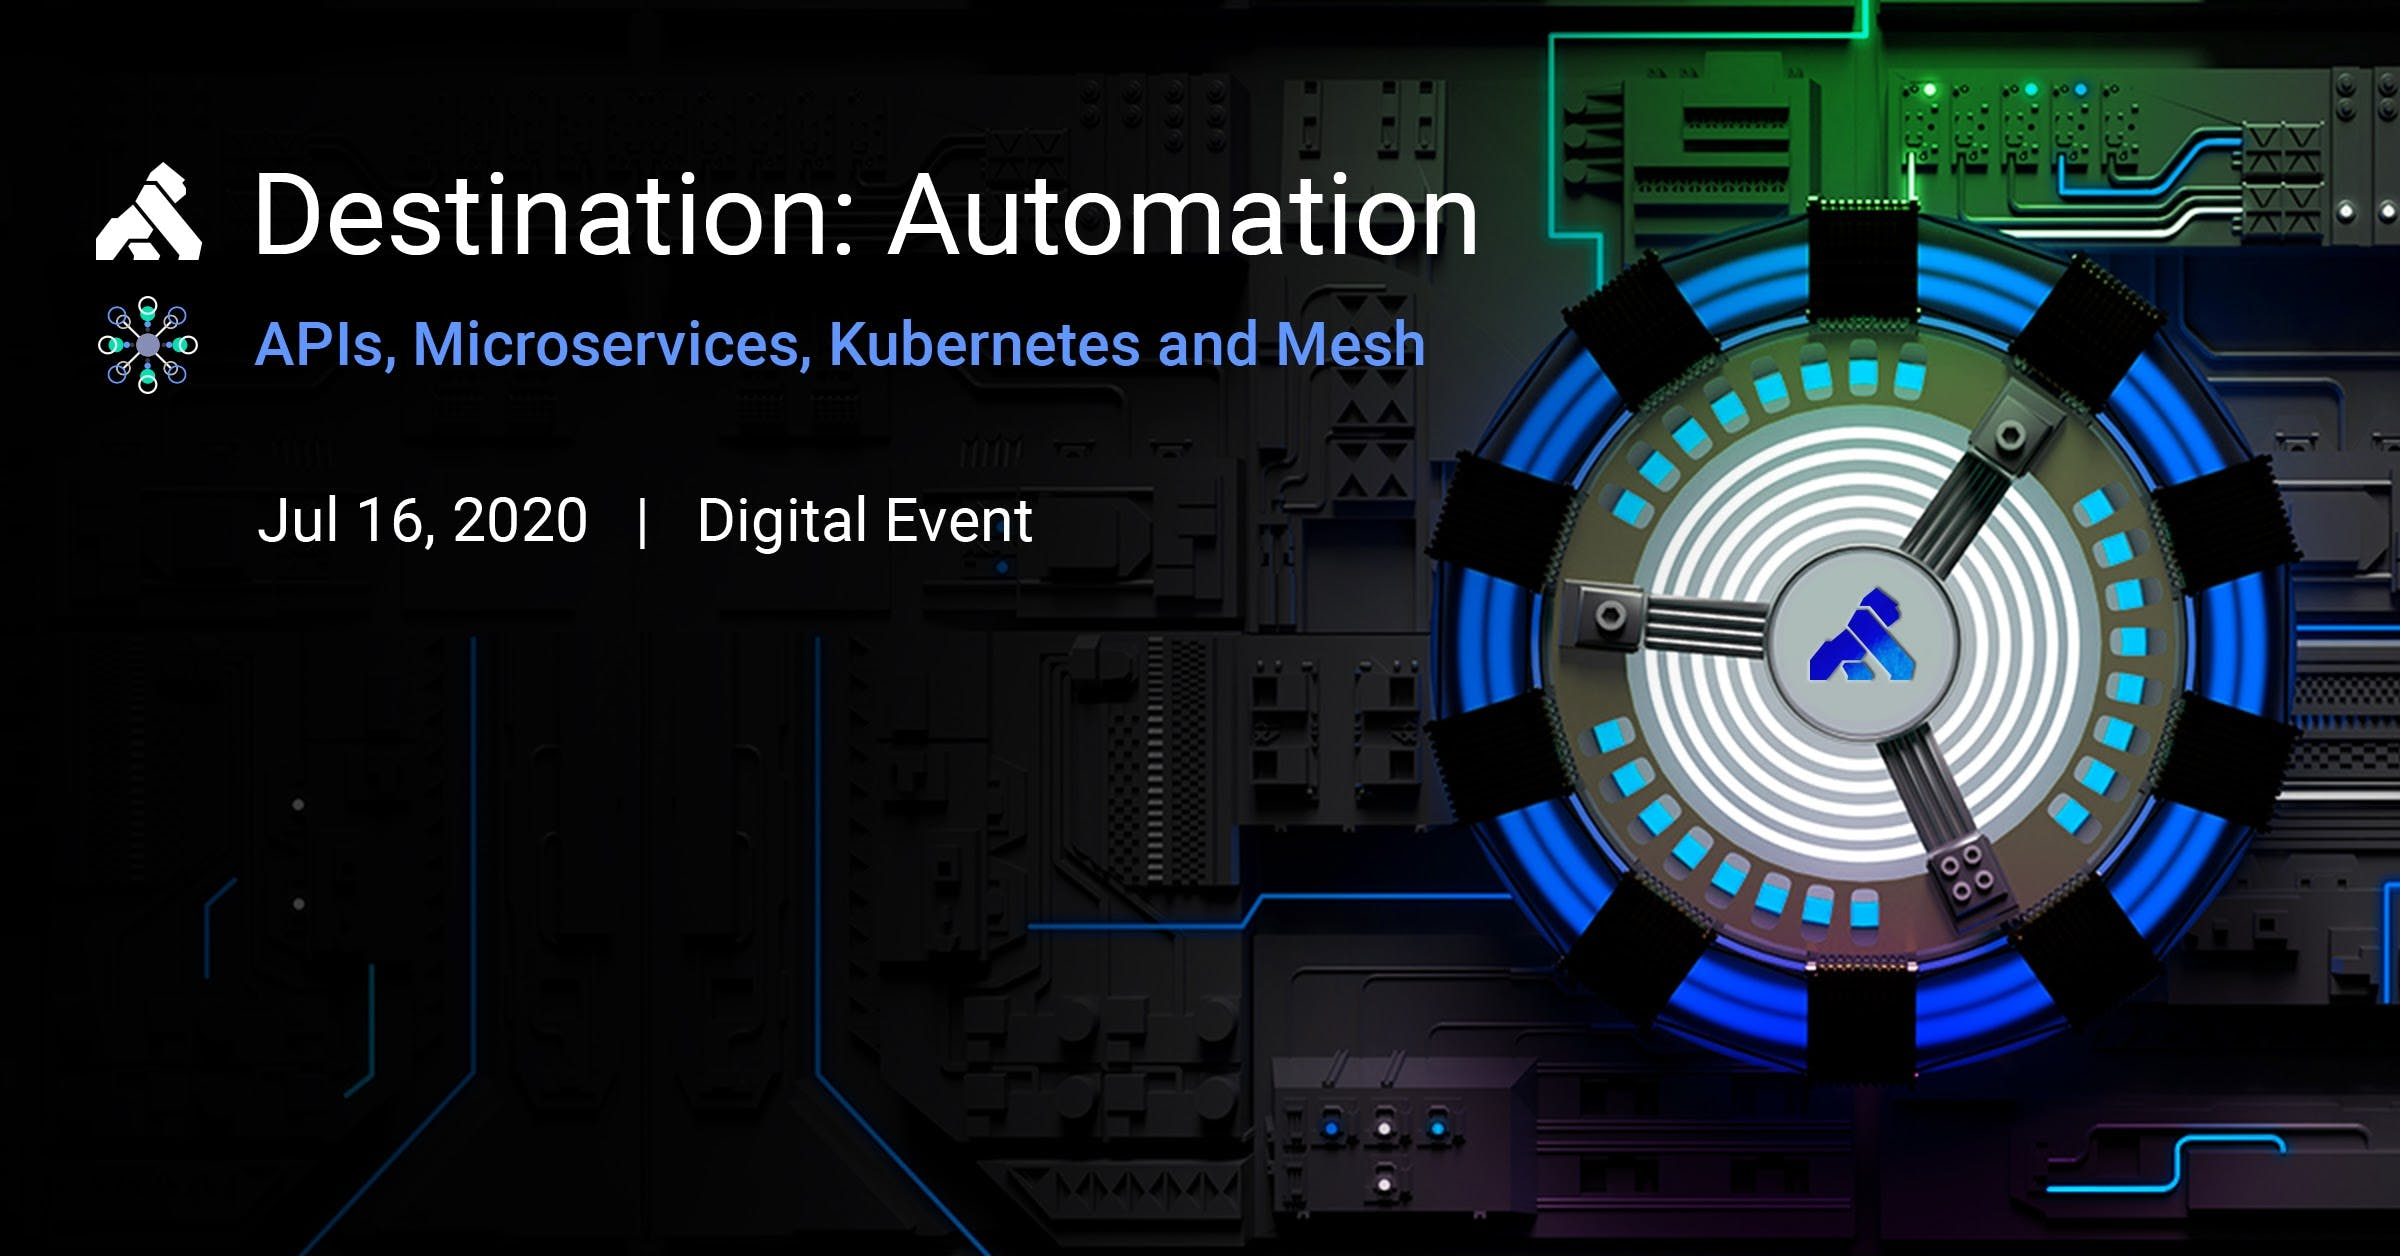 Destination: Automation